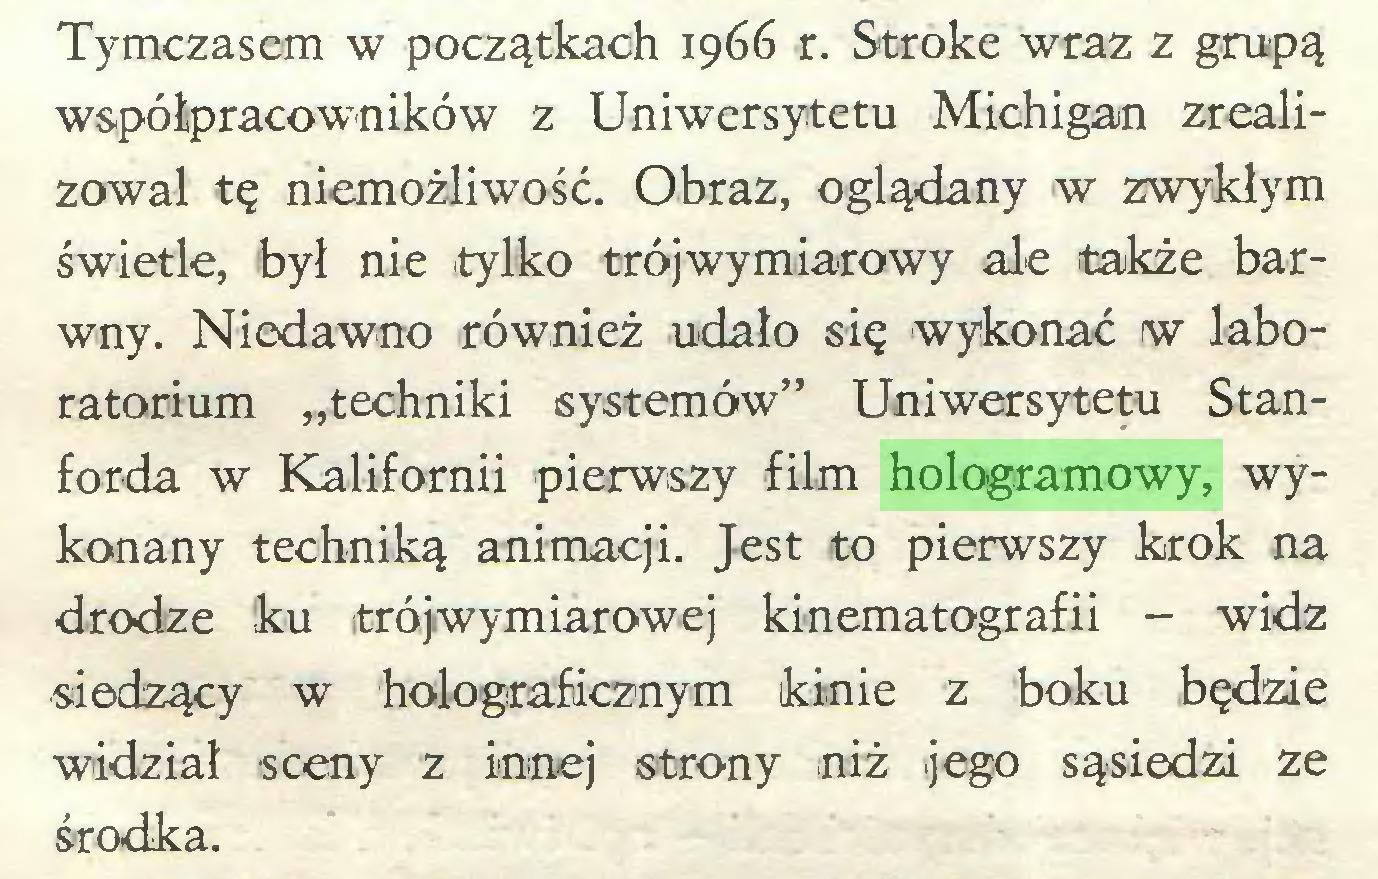 """(...) Tymczasem w początkach 1966 r. Stroke wraz z grupą współpracowników z Uniwersytetu Michigan zrealizował tę niemożliwość. Obraz, oglądany w zwykłym świetle, był nie tylko trójwymiarowy ale także barwny. Niedawno również udało się wykonać w laboratorium """"techniki systemów"""" Uniwersytetu Stanforda w Kalifornii pierwszy film hologramowy, wykonany techniką animacji. Jest to pierwszy krok na drodze ku trójwymiarowej kinematografii - widz siedzący w holograficznym kinie z boku będzie widział sceny z innej strony niż jego sąsiedzi ze środka..."""